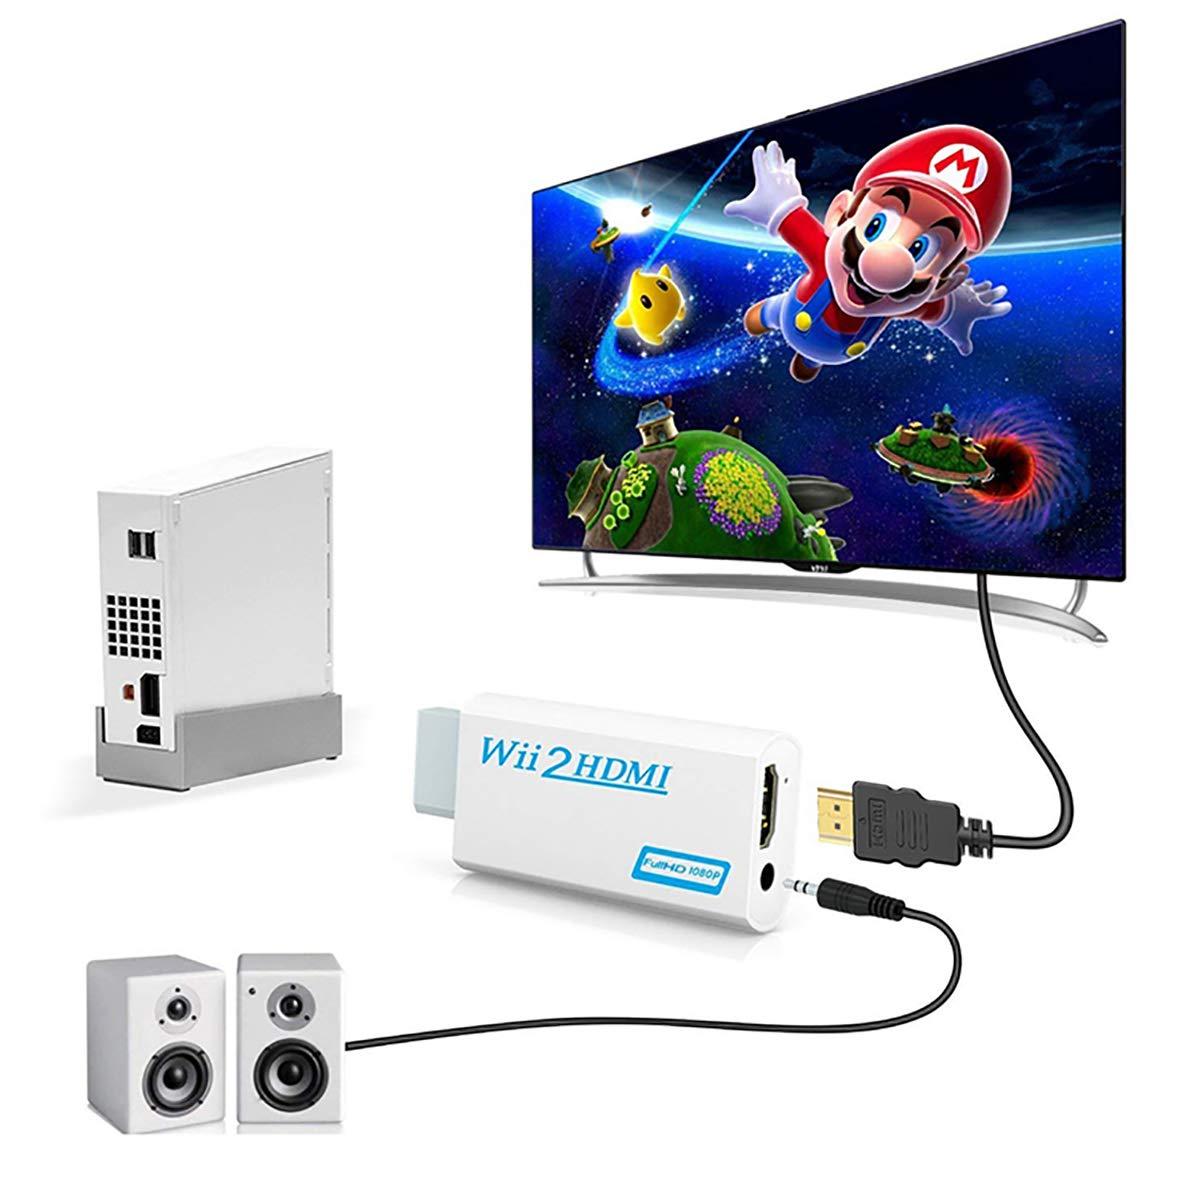 Convertidor Wii a HDMI, adaptador Zeato Wii a HDMI, Wii a HDMI 1080P 720P Salida de conector de vídeo y audio de 3,5 mm: Amazon.es: Electrónica